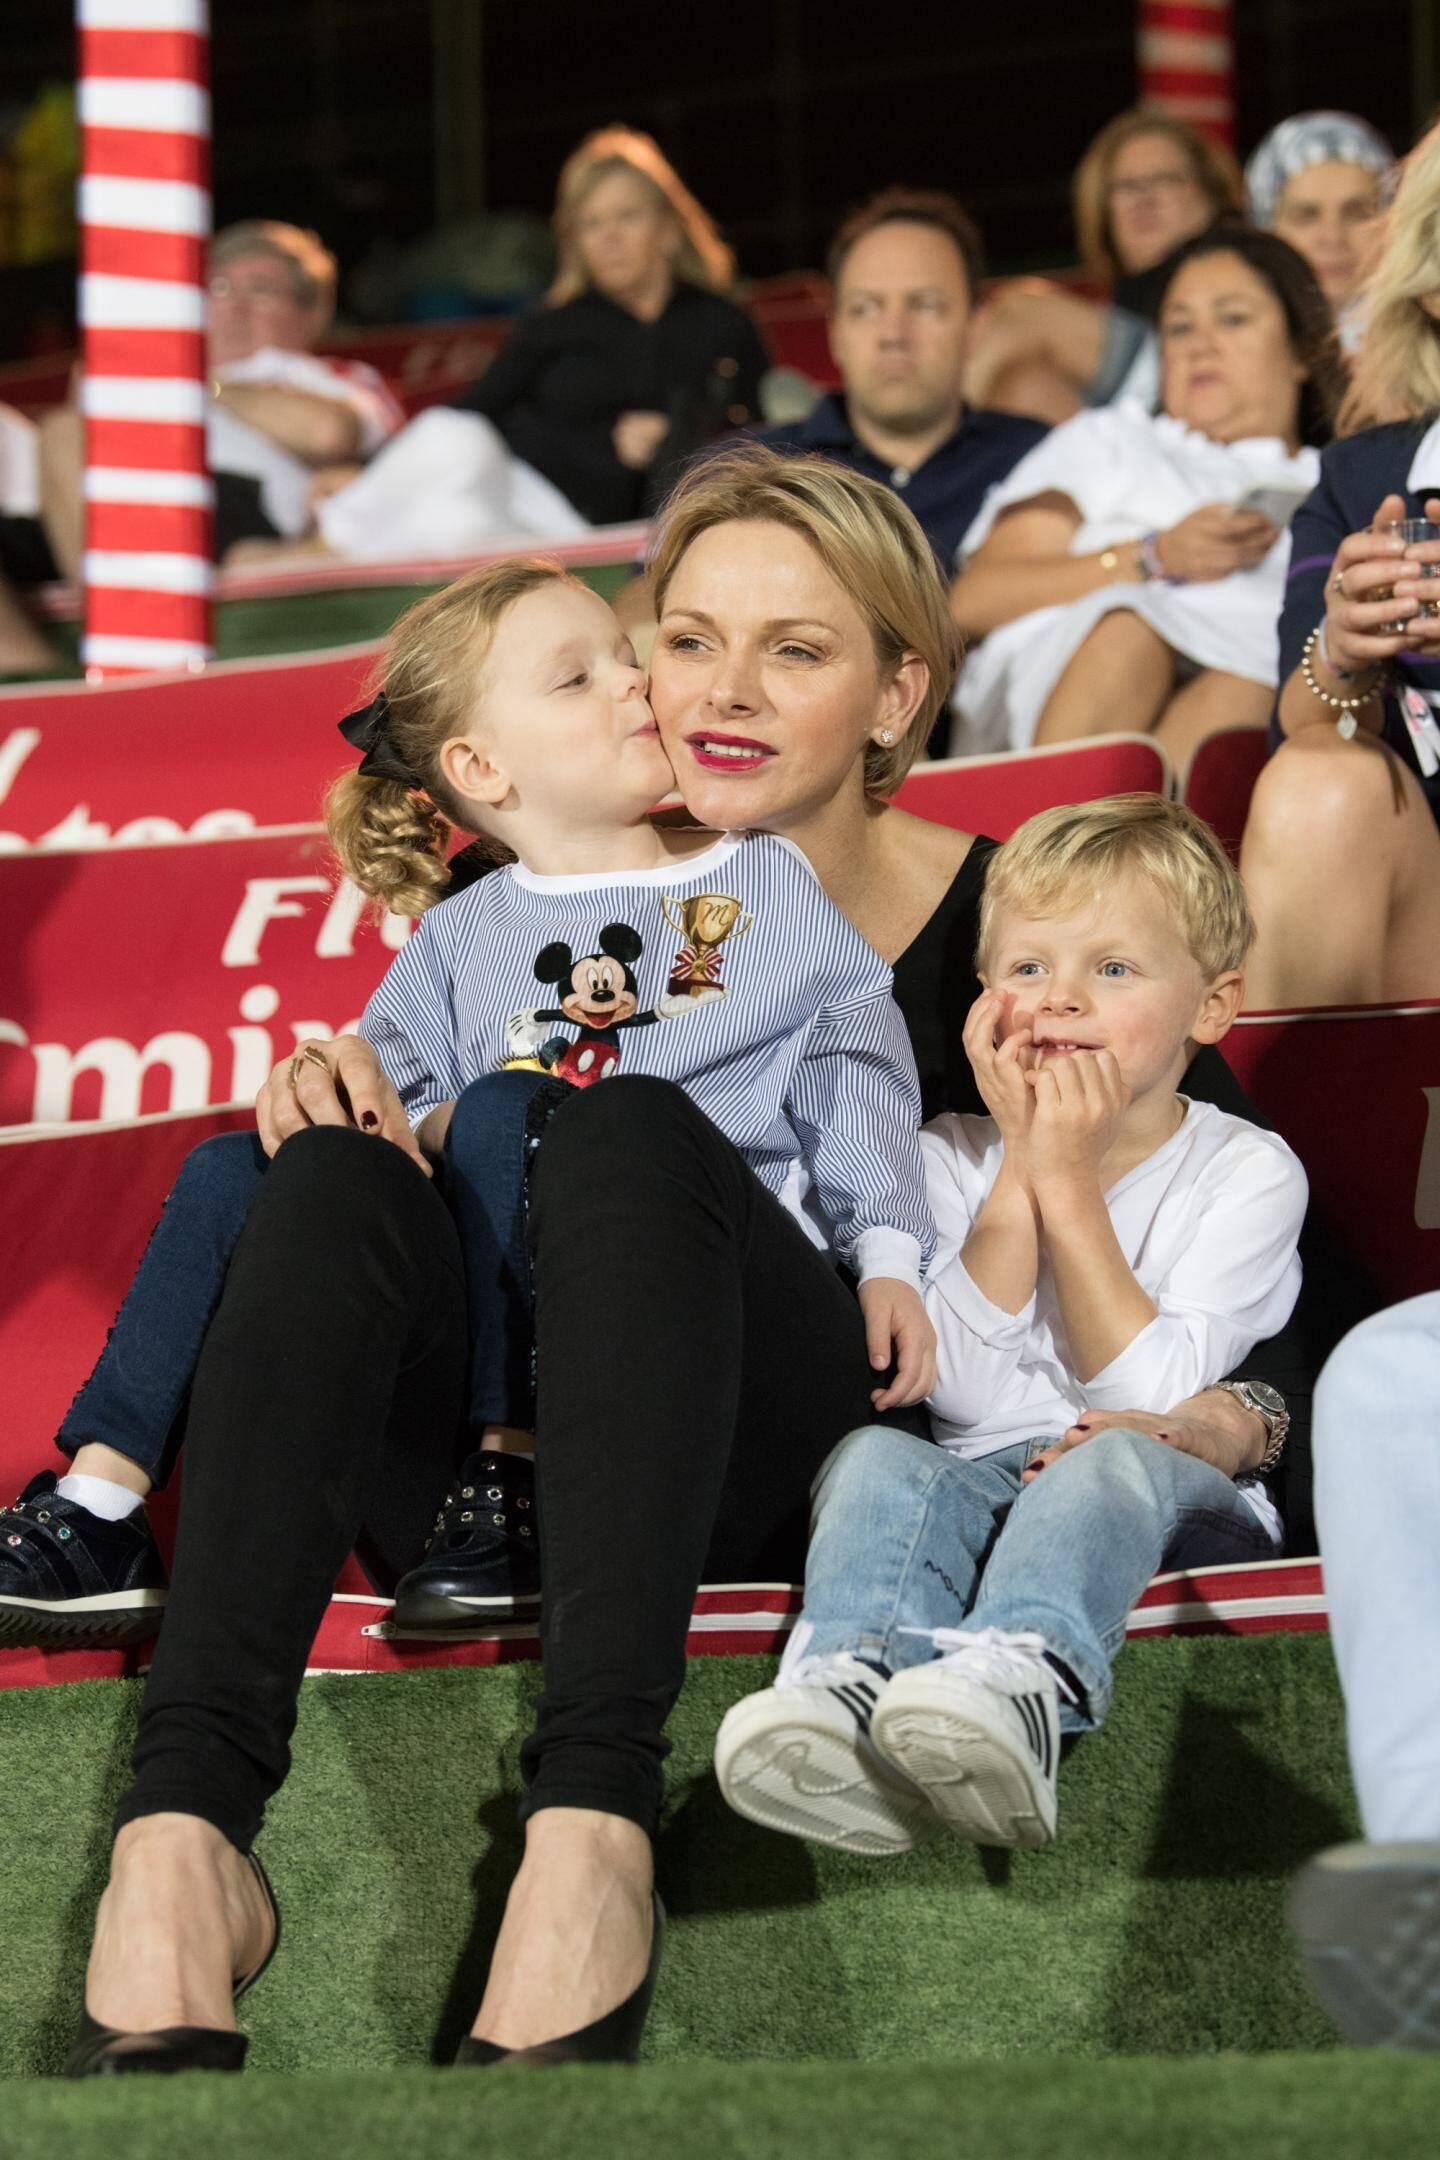 Instant câlin à Dubaï, dans les tribunes d'un stade de rugby pour soutenir l'équipe de Monaco.